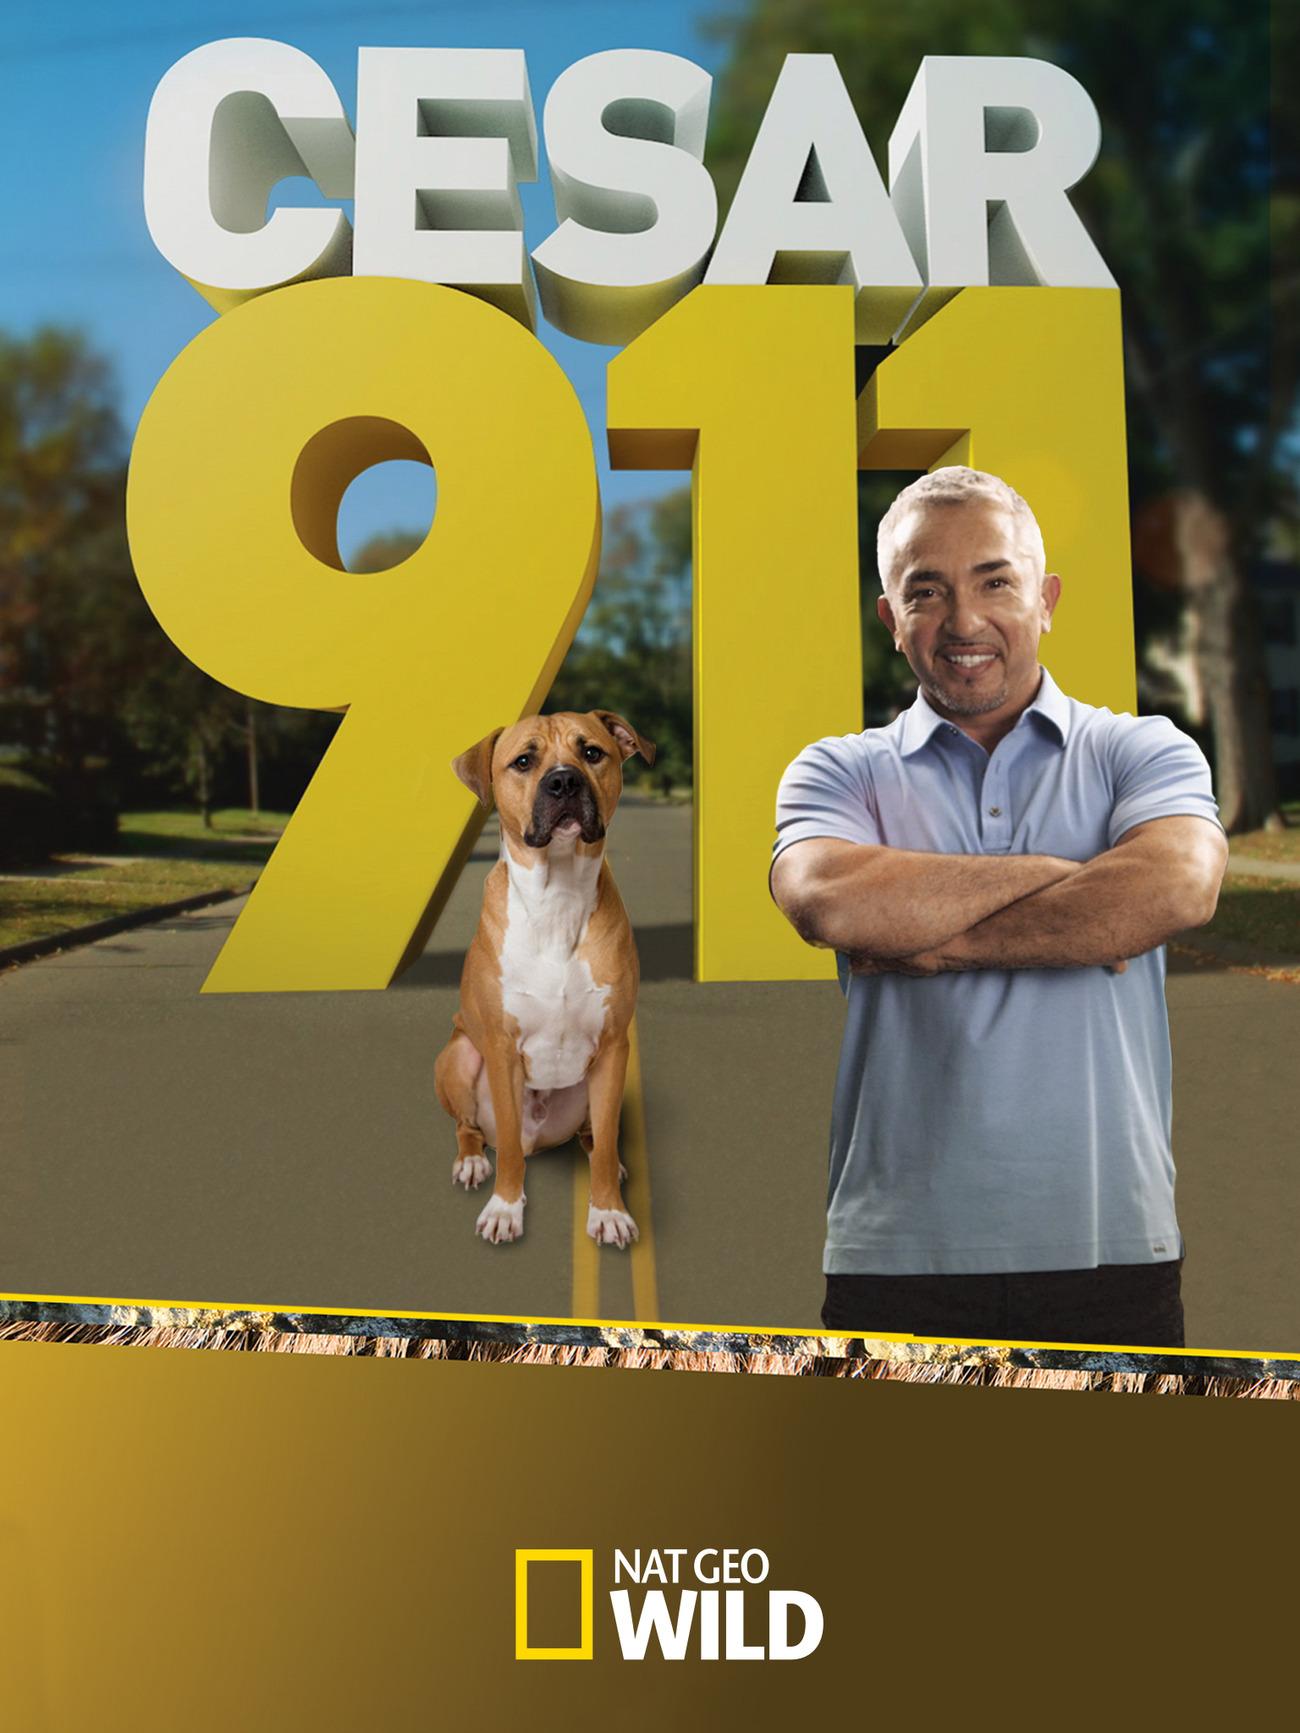 César 911